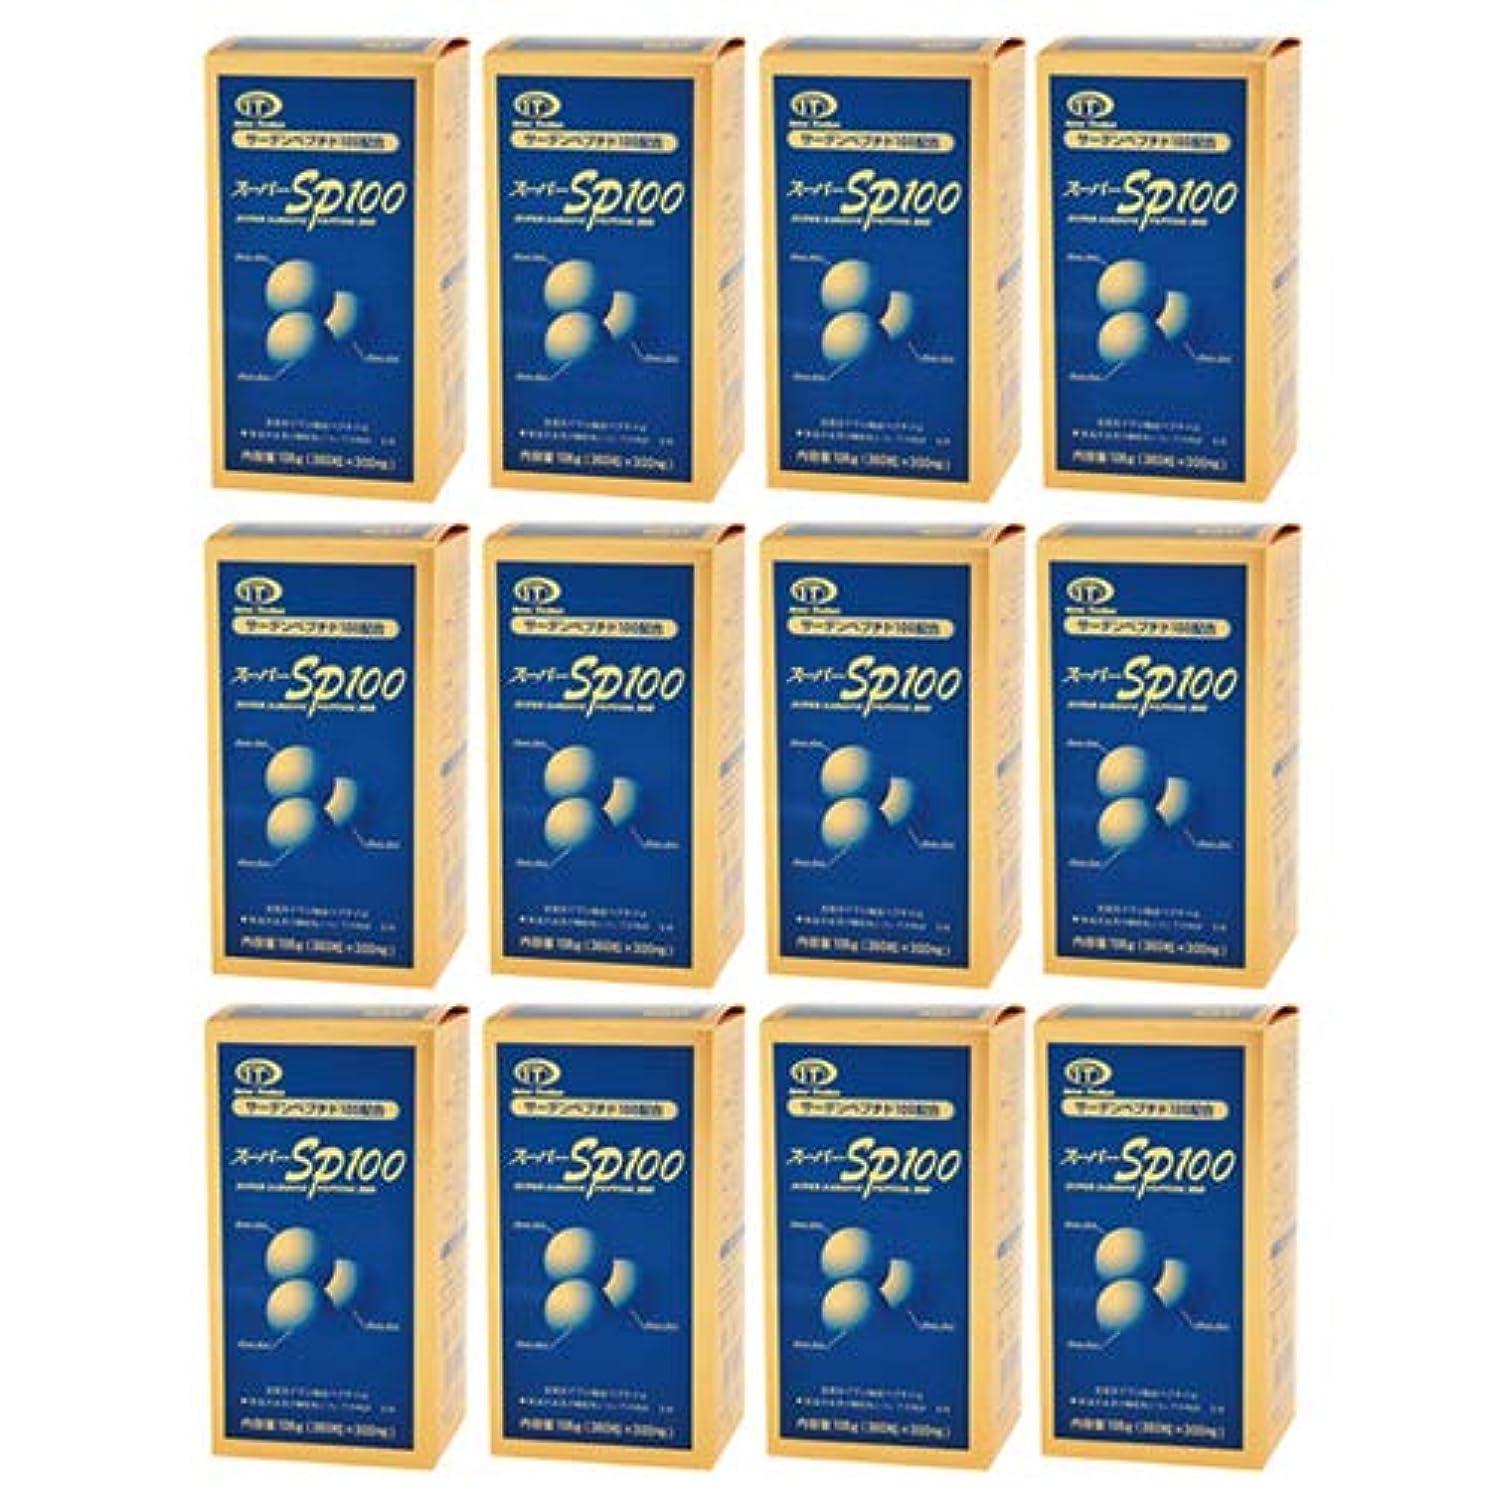 租界隣接する凍るスーパーSP100(イワシペプチド)(360粒) 12箱